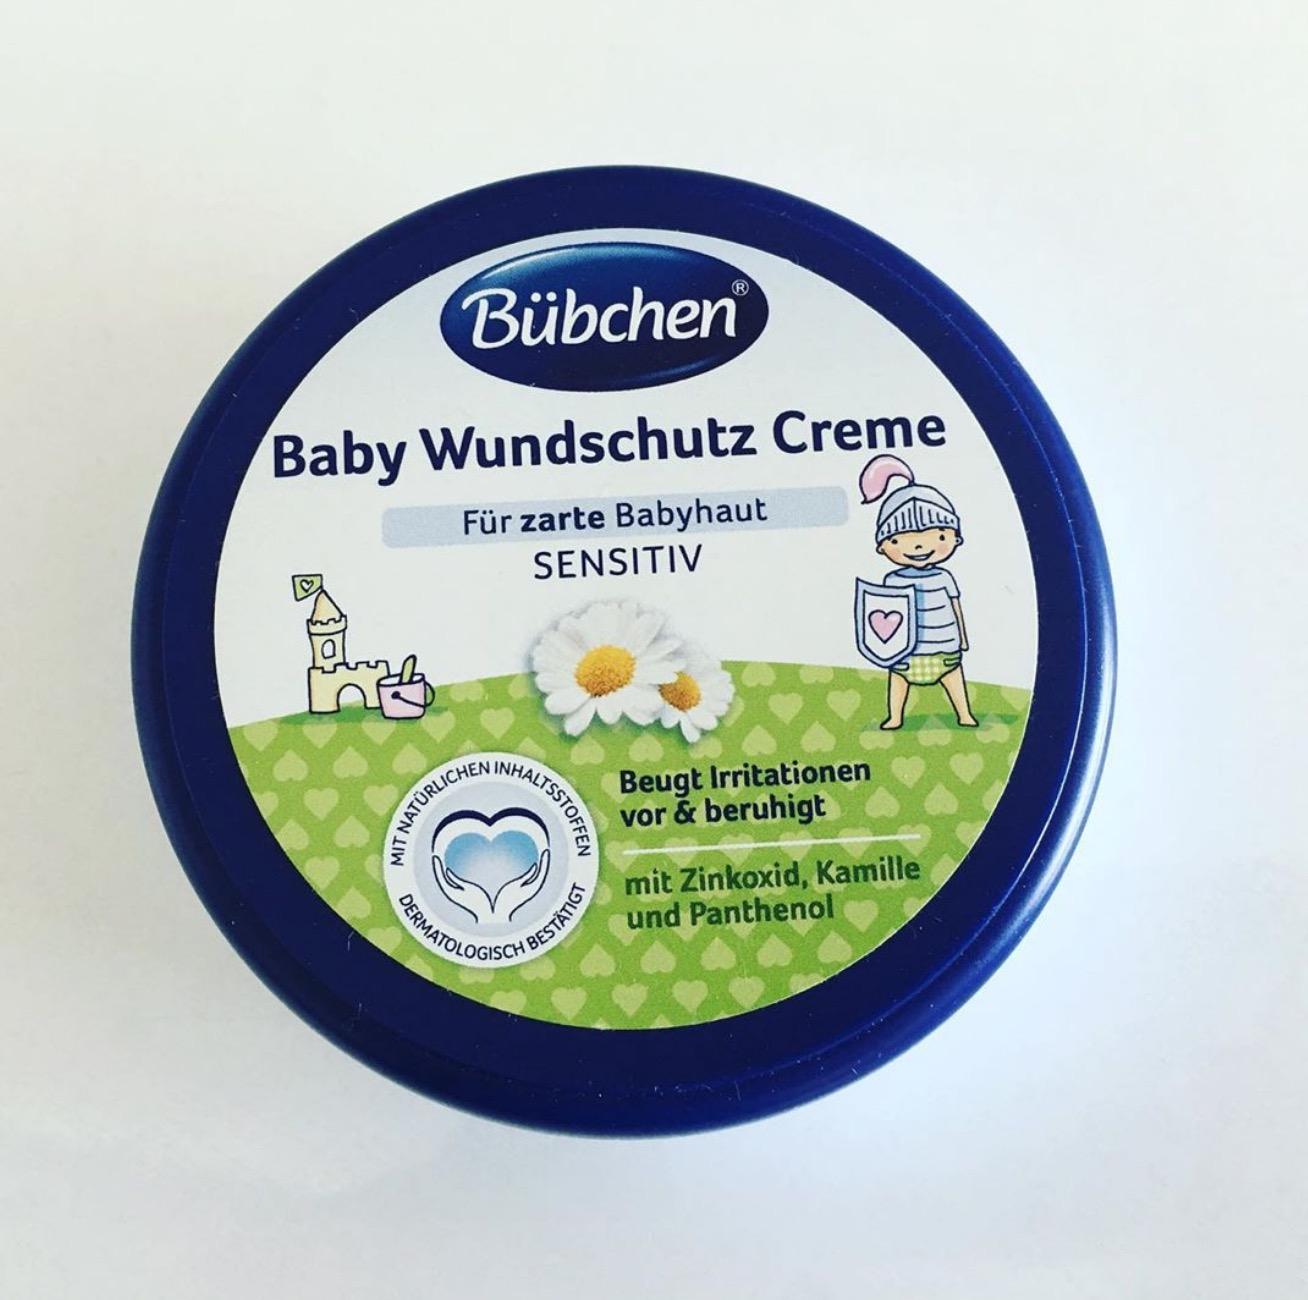 主要就是舒緩寶寶屁屁不適症狀,添加氧化鋅能隔離皮膚刺激及修護肌膚,形成保護膜隔離尿液